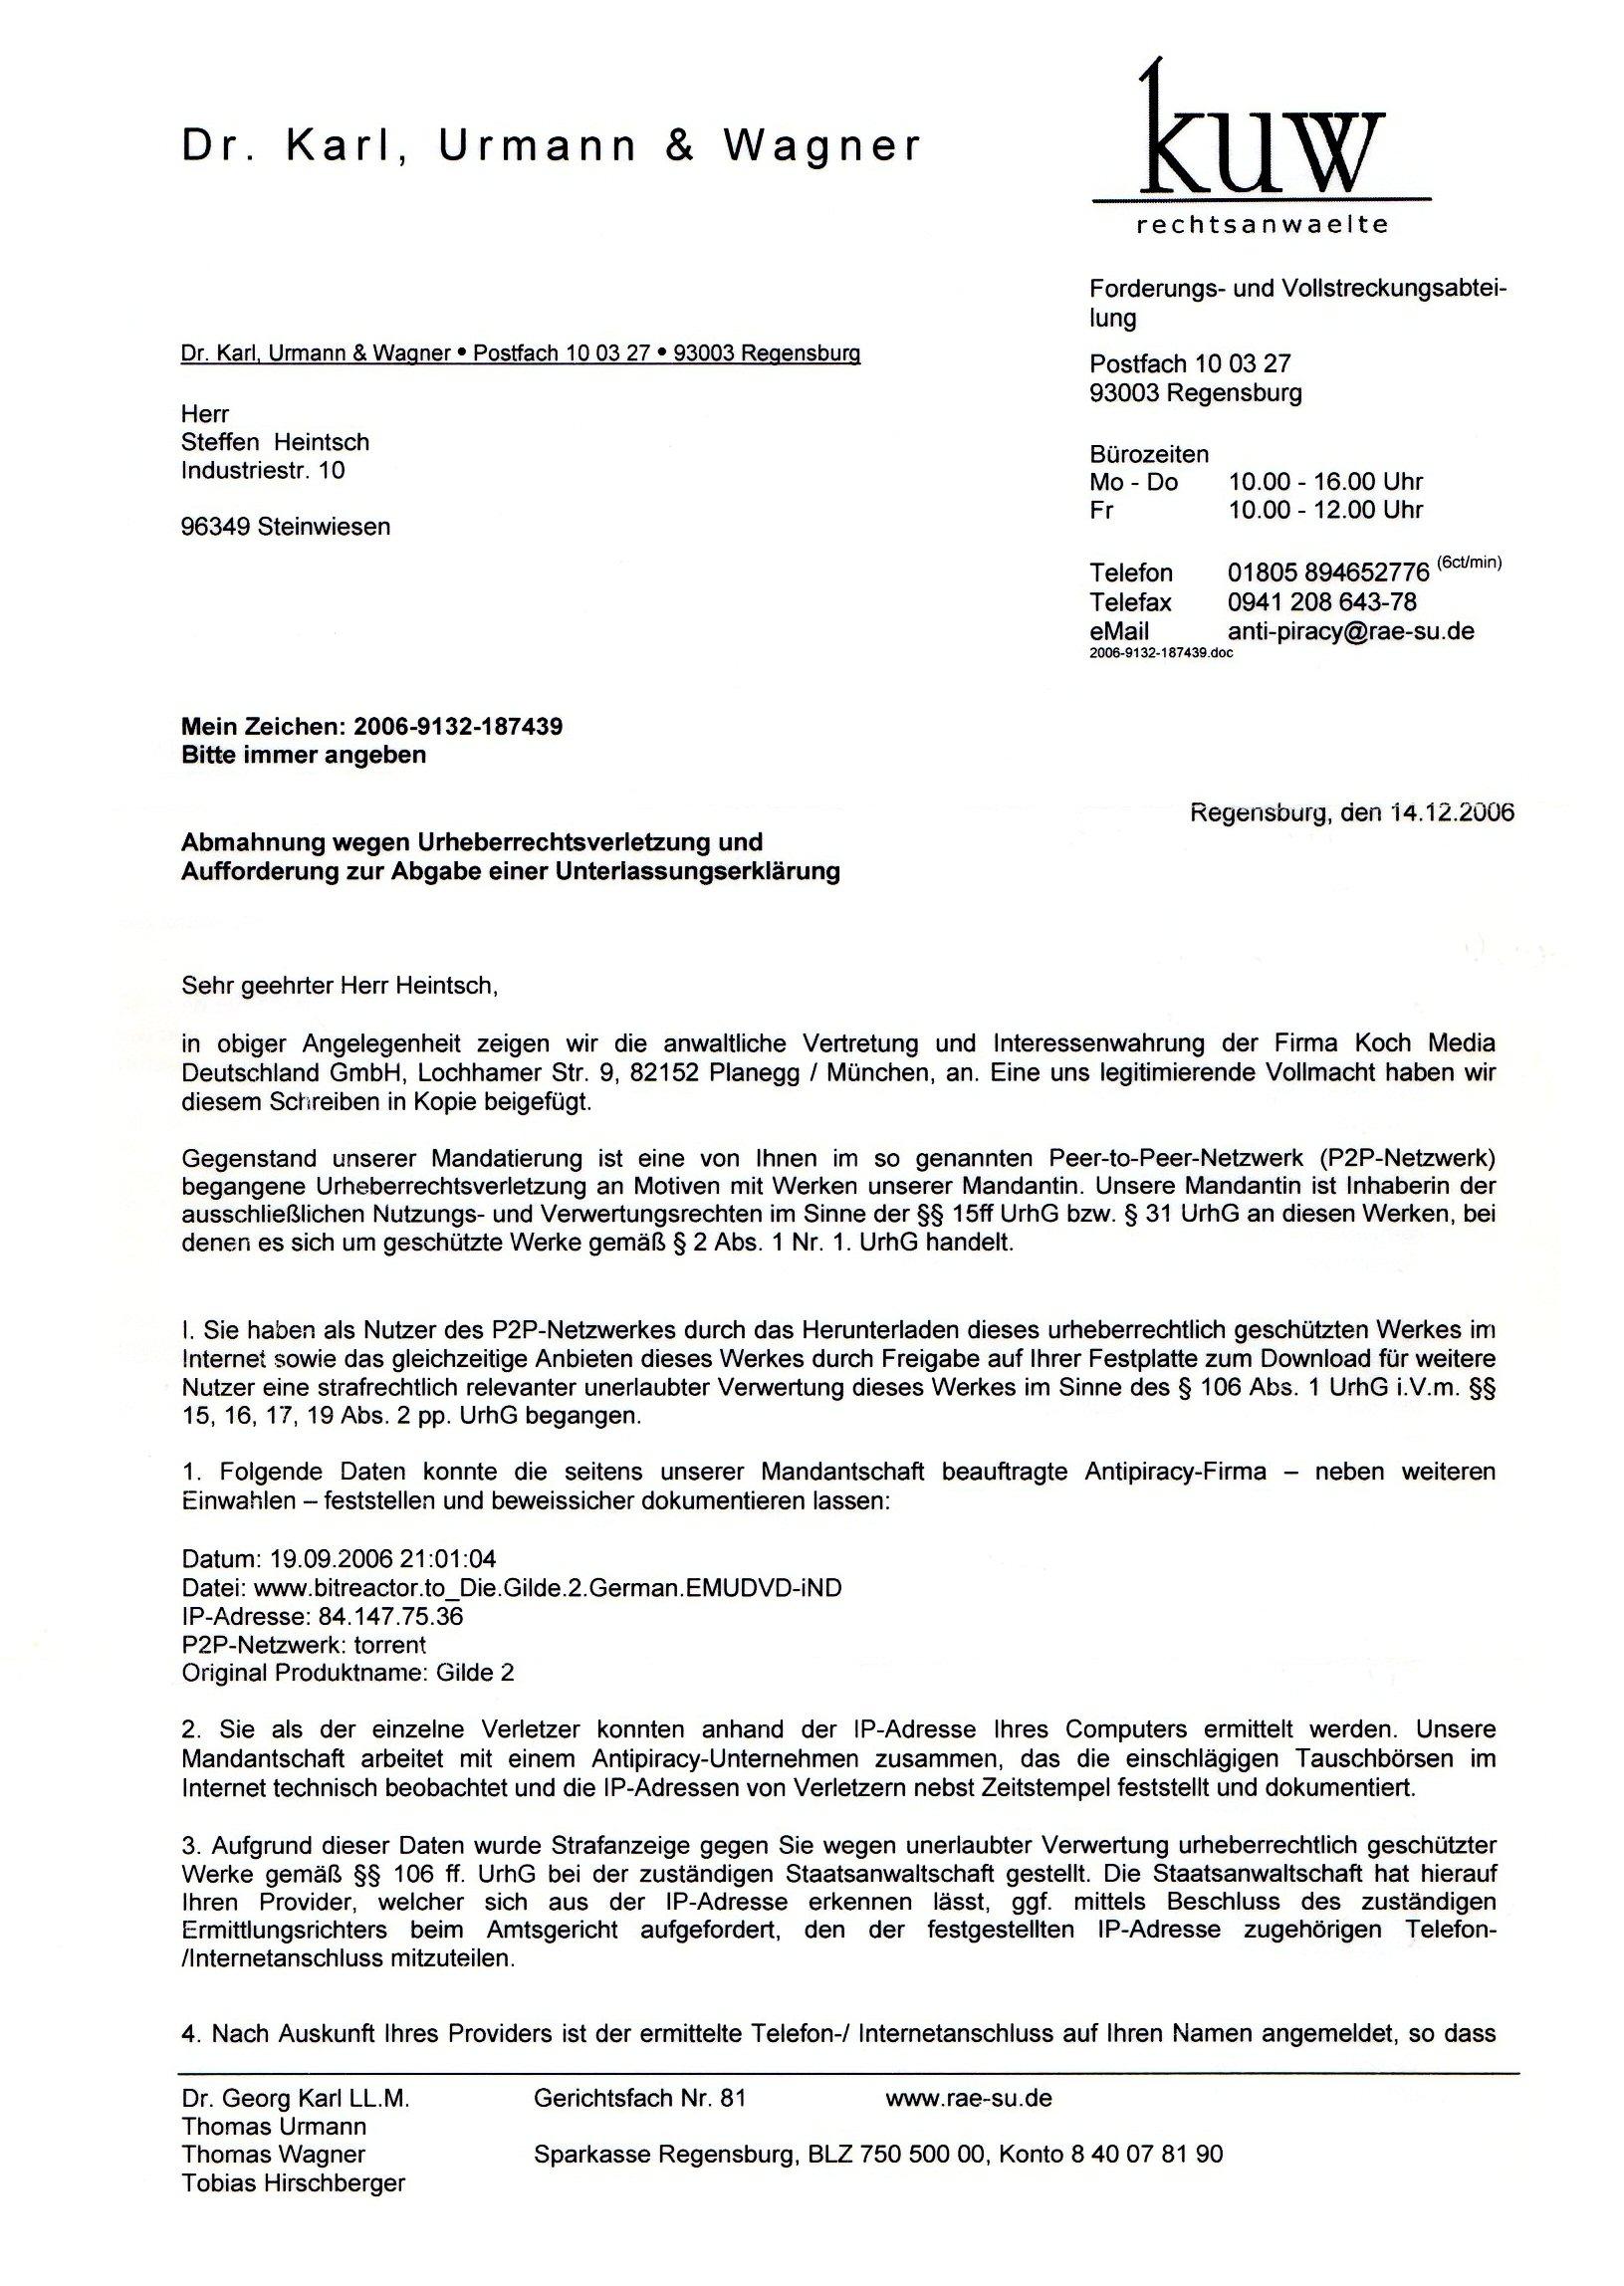 deutschland allgemeiner diskussions thread seite 546 initiative aw3p. Black Bedroom Furniture Sets. Home Design Ideas